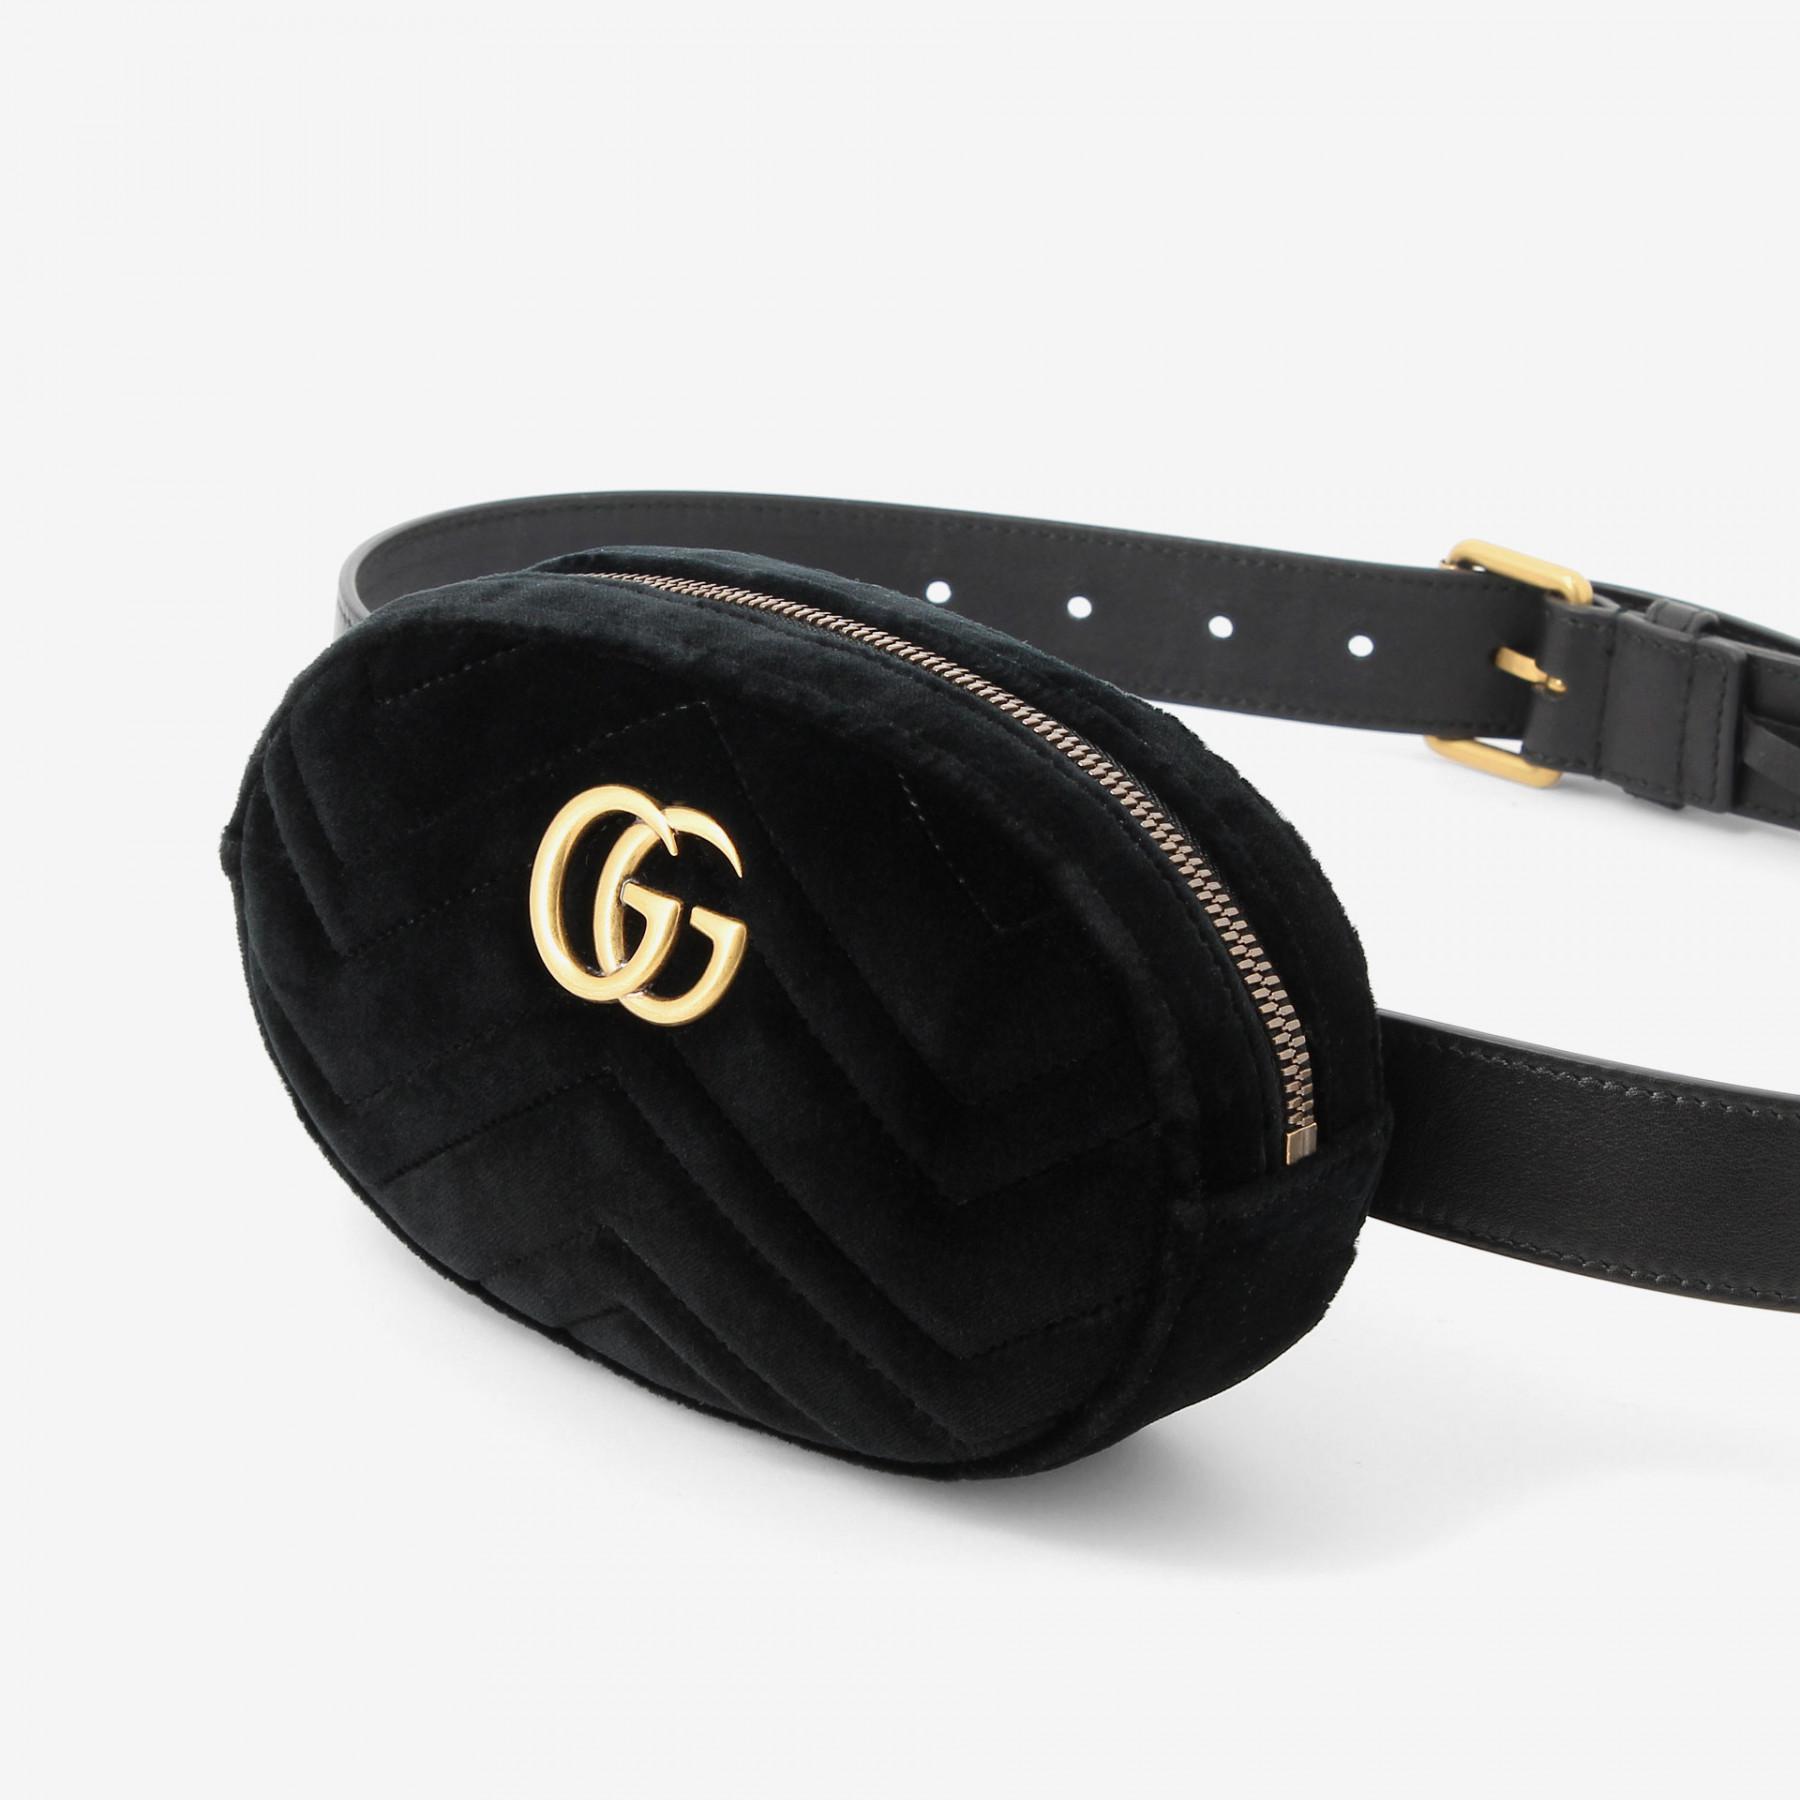 edd6c6e3d8c8 Gucci Belt Bag Velvet Review. Lyst - Gucci Velvet Marmont ...